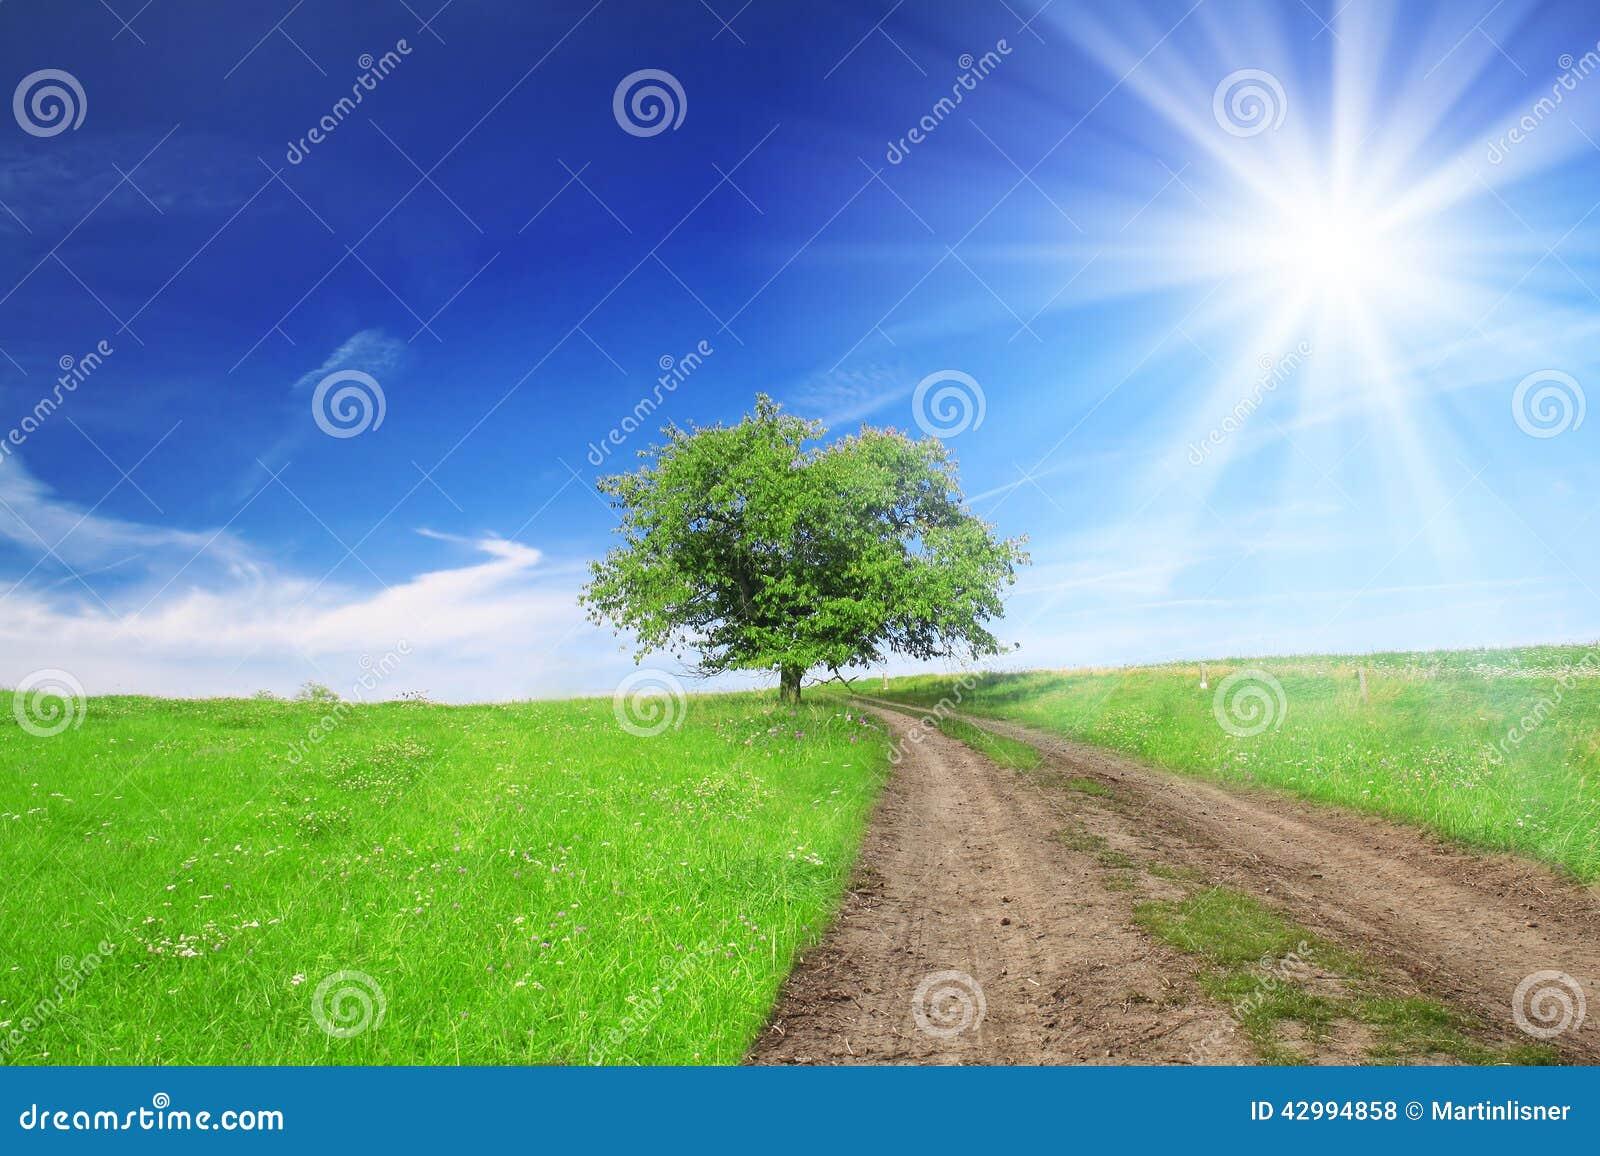 champ arbre ciel bleu avec le soleil - Arbre Ciel